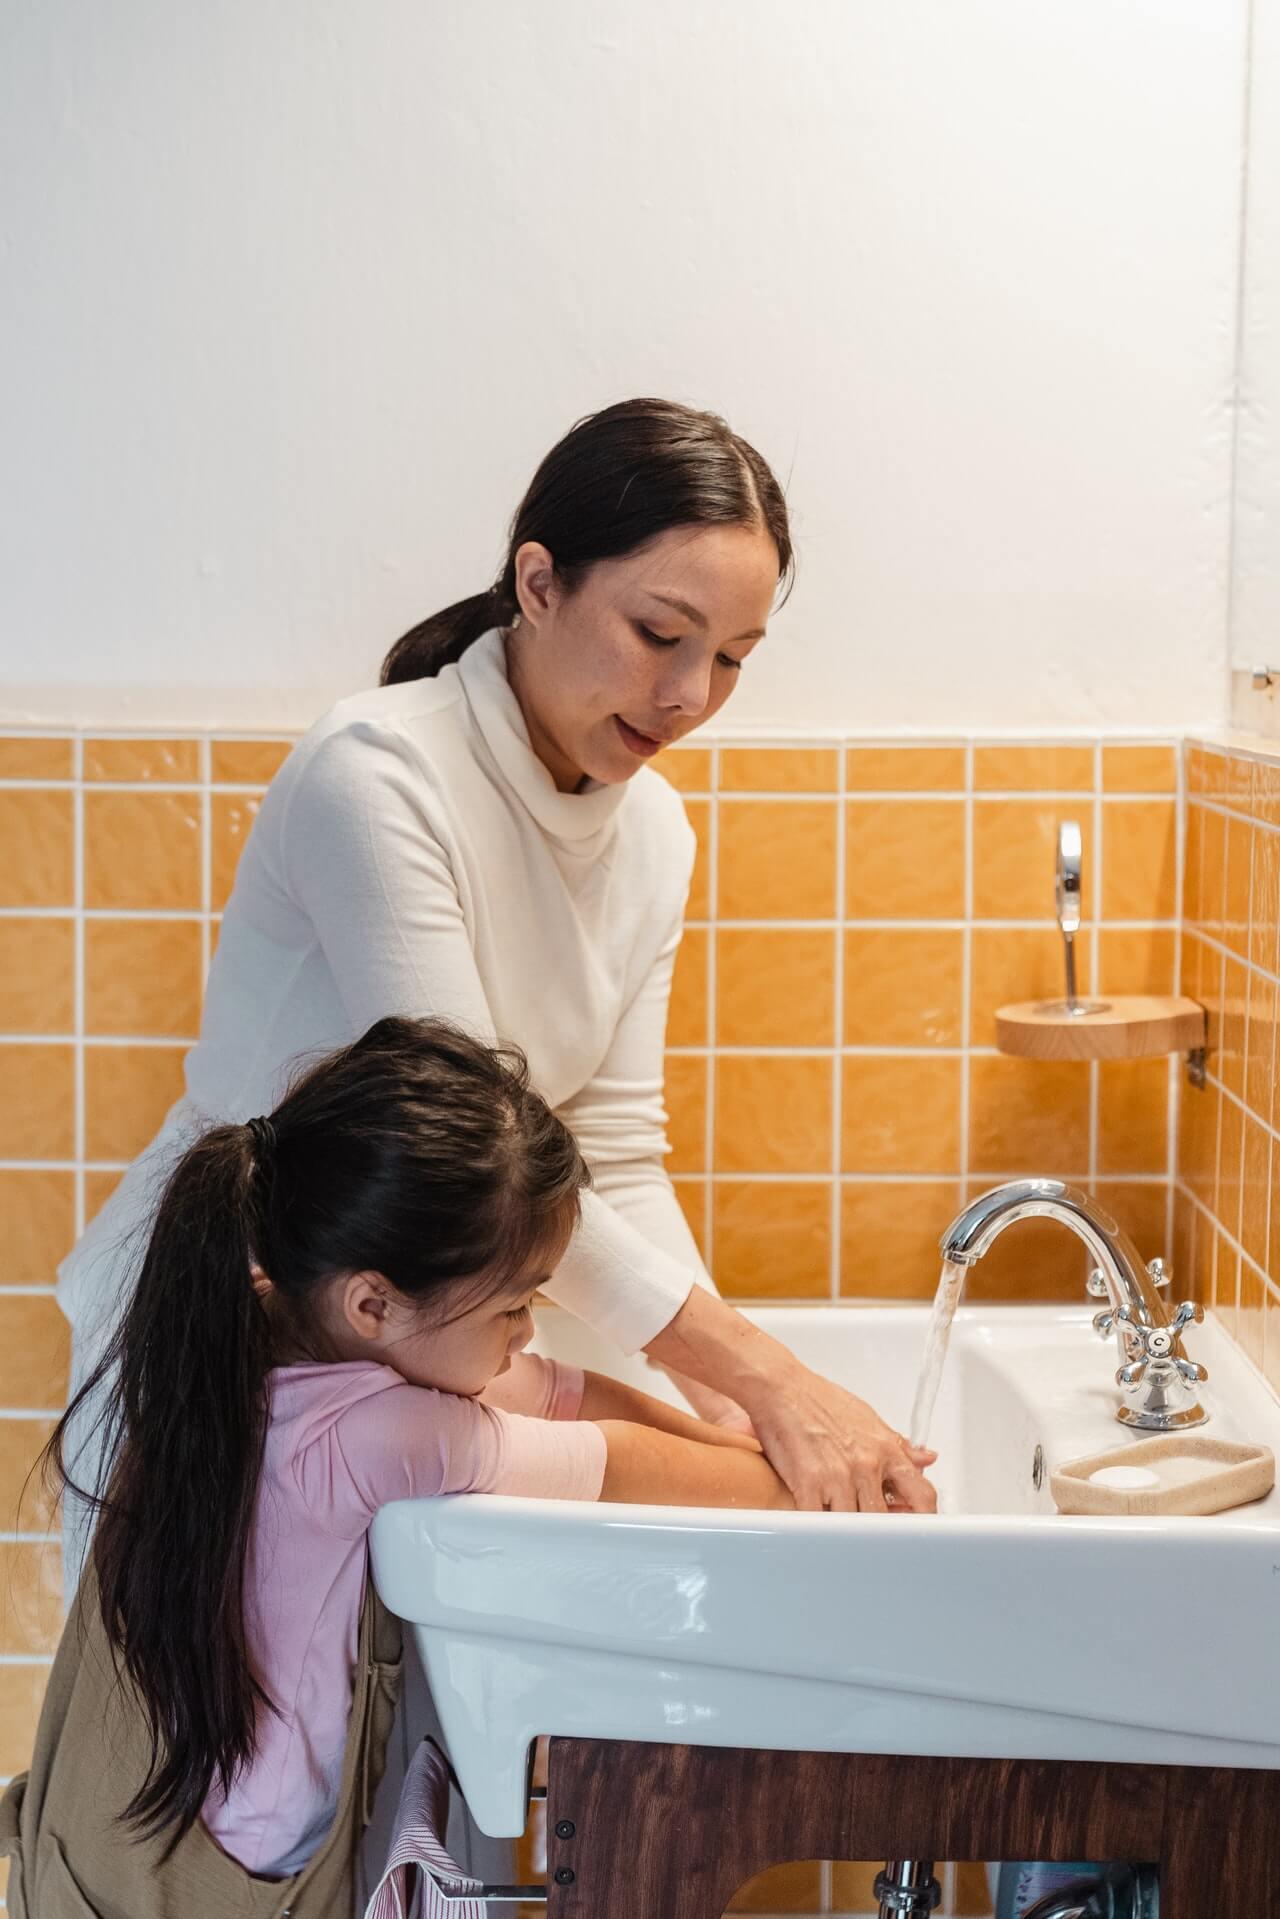 майка и дете си мият ръцете